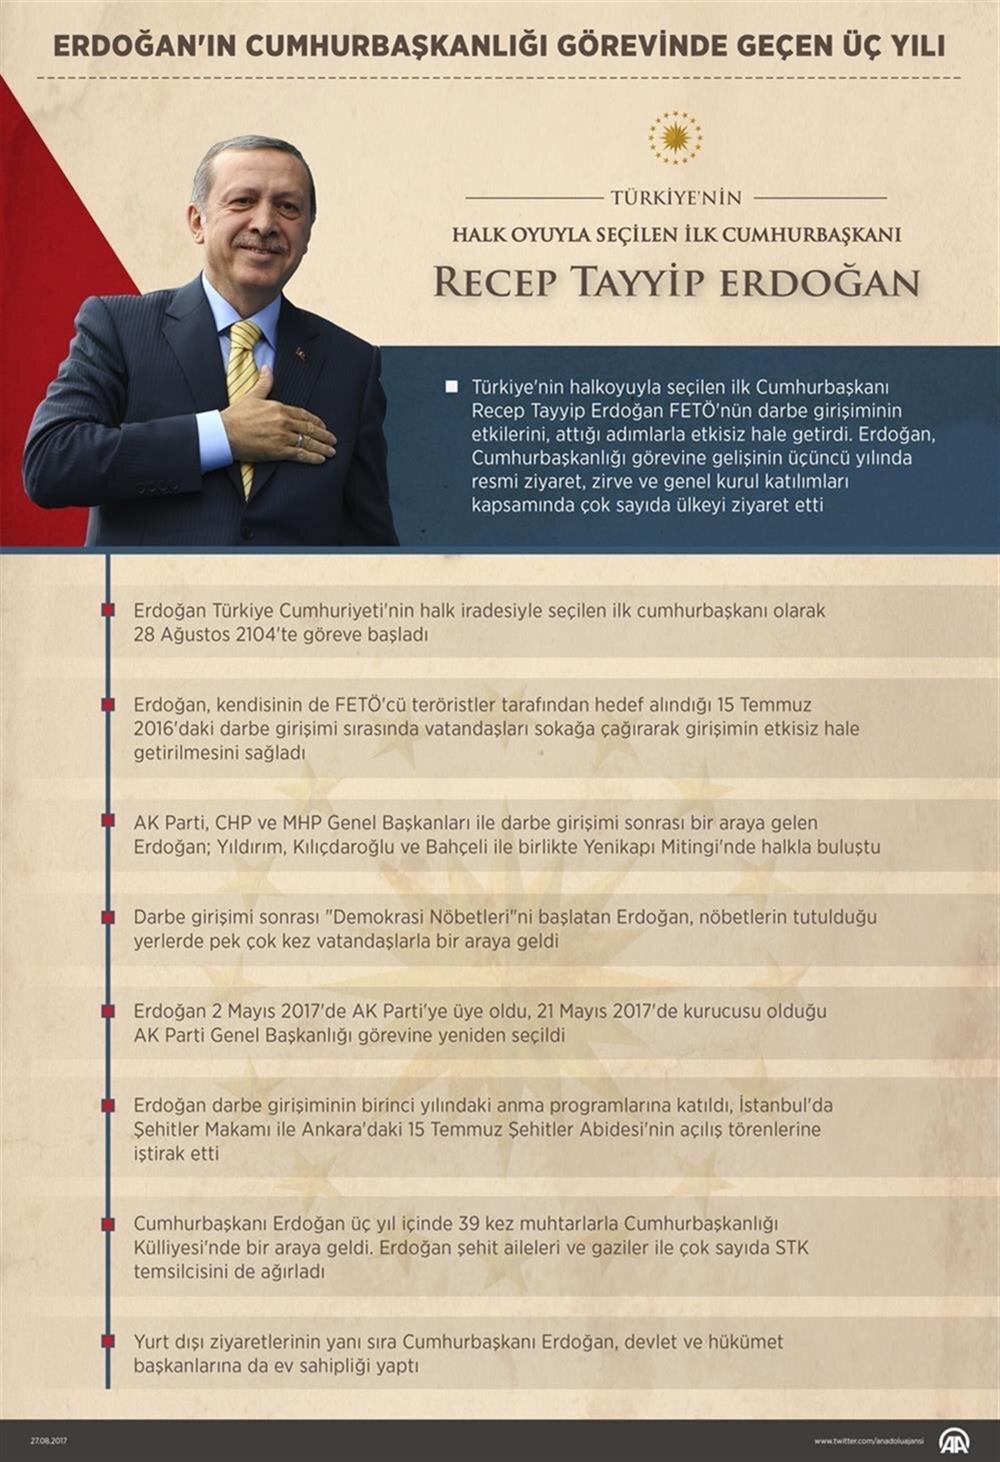 """Erdoğan, seçilirken kullandığı """"Ben çalışan, koşturan, terleyen bir cumhurbaşkanı olacağım, alışılmış bir cumhurbaşkanı olmayacağım"""" ifadesini, üç yılda hayata geçirdi."""